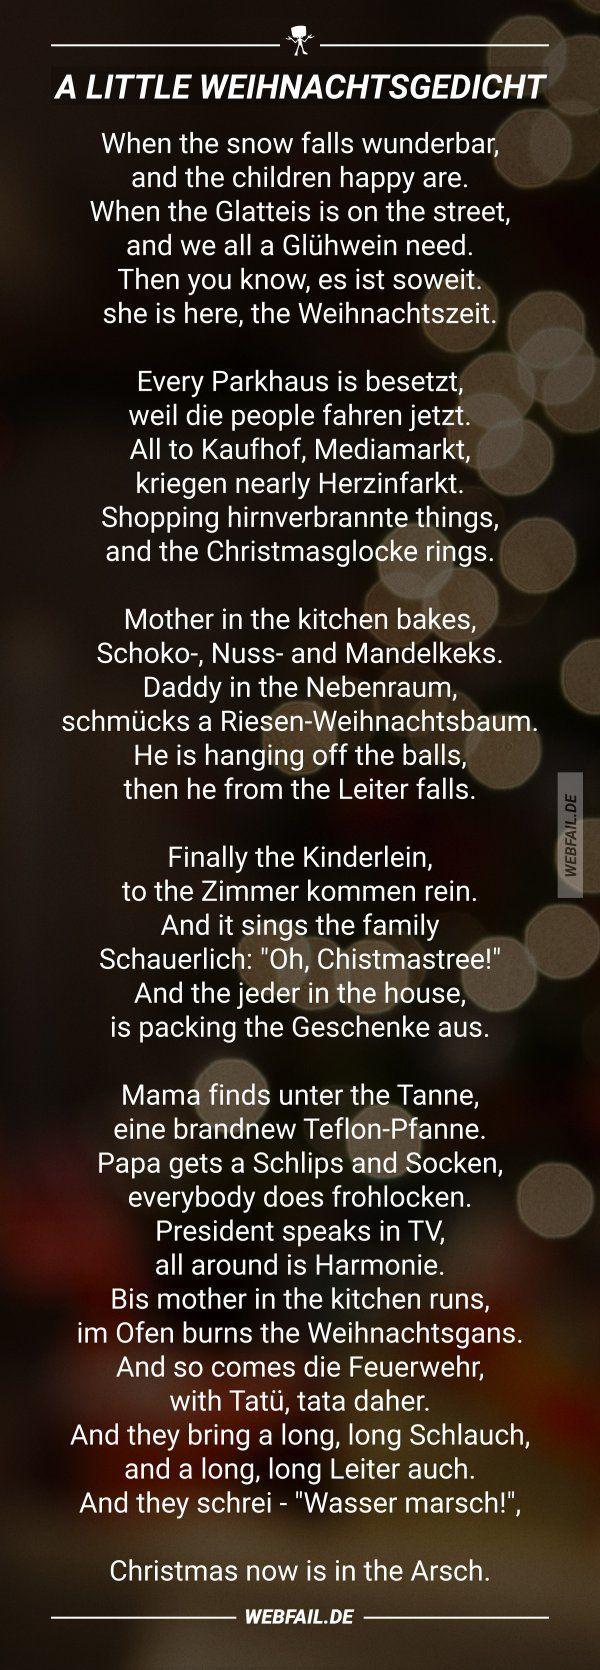 Lustige Gedichte Zur Weihnachtszeit Weihnachtsgedicht Lustig